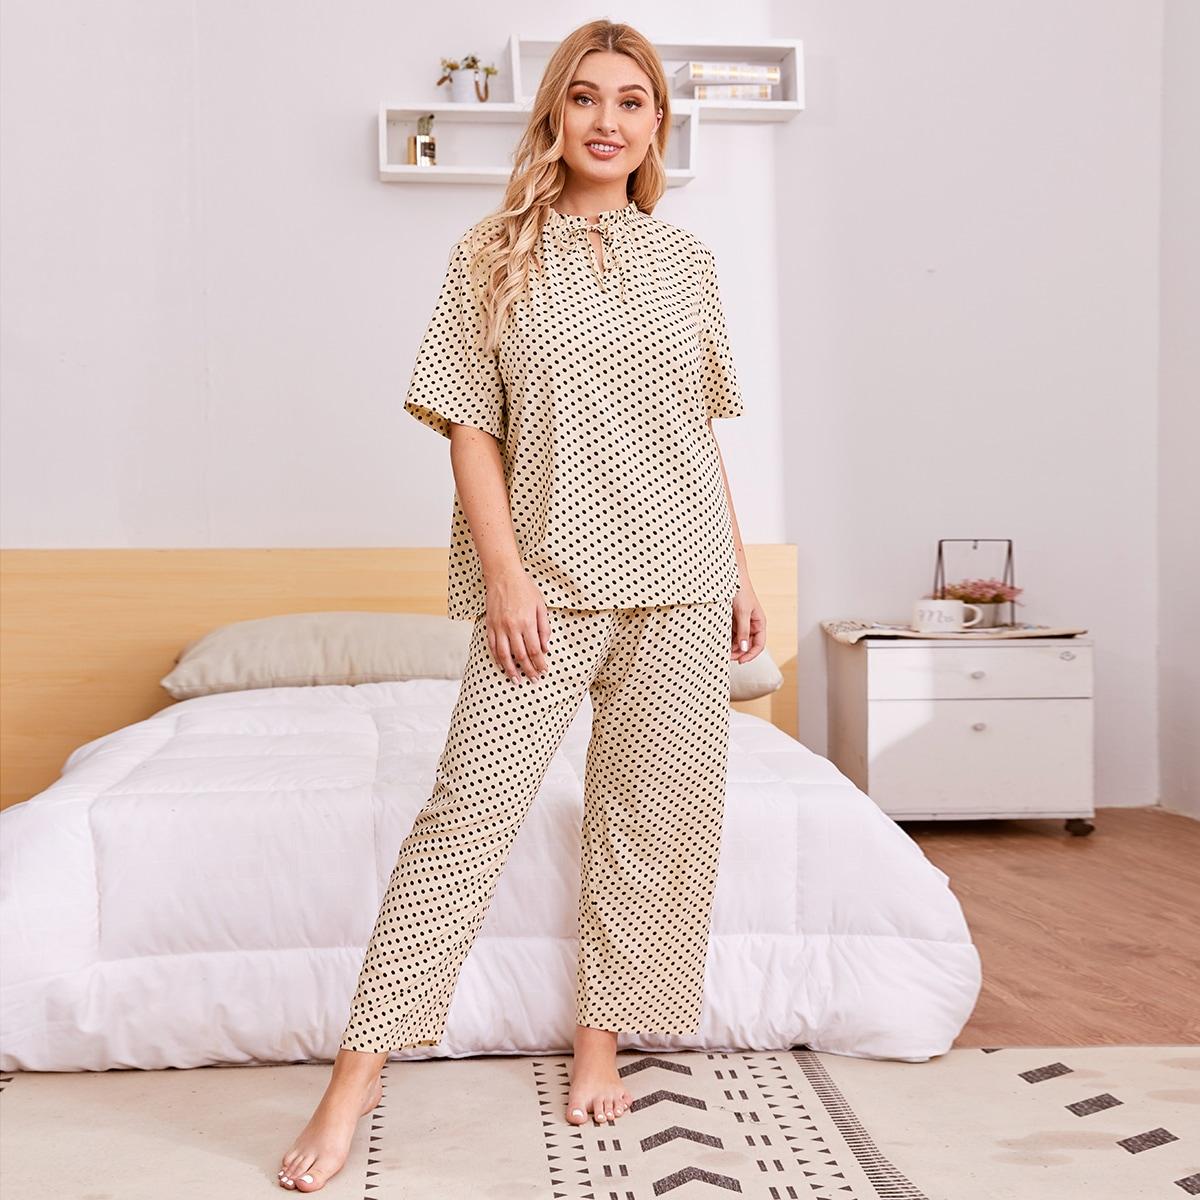 Aбрикосовый Оборка В горошек Повседневный Пижама размер плюс фото